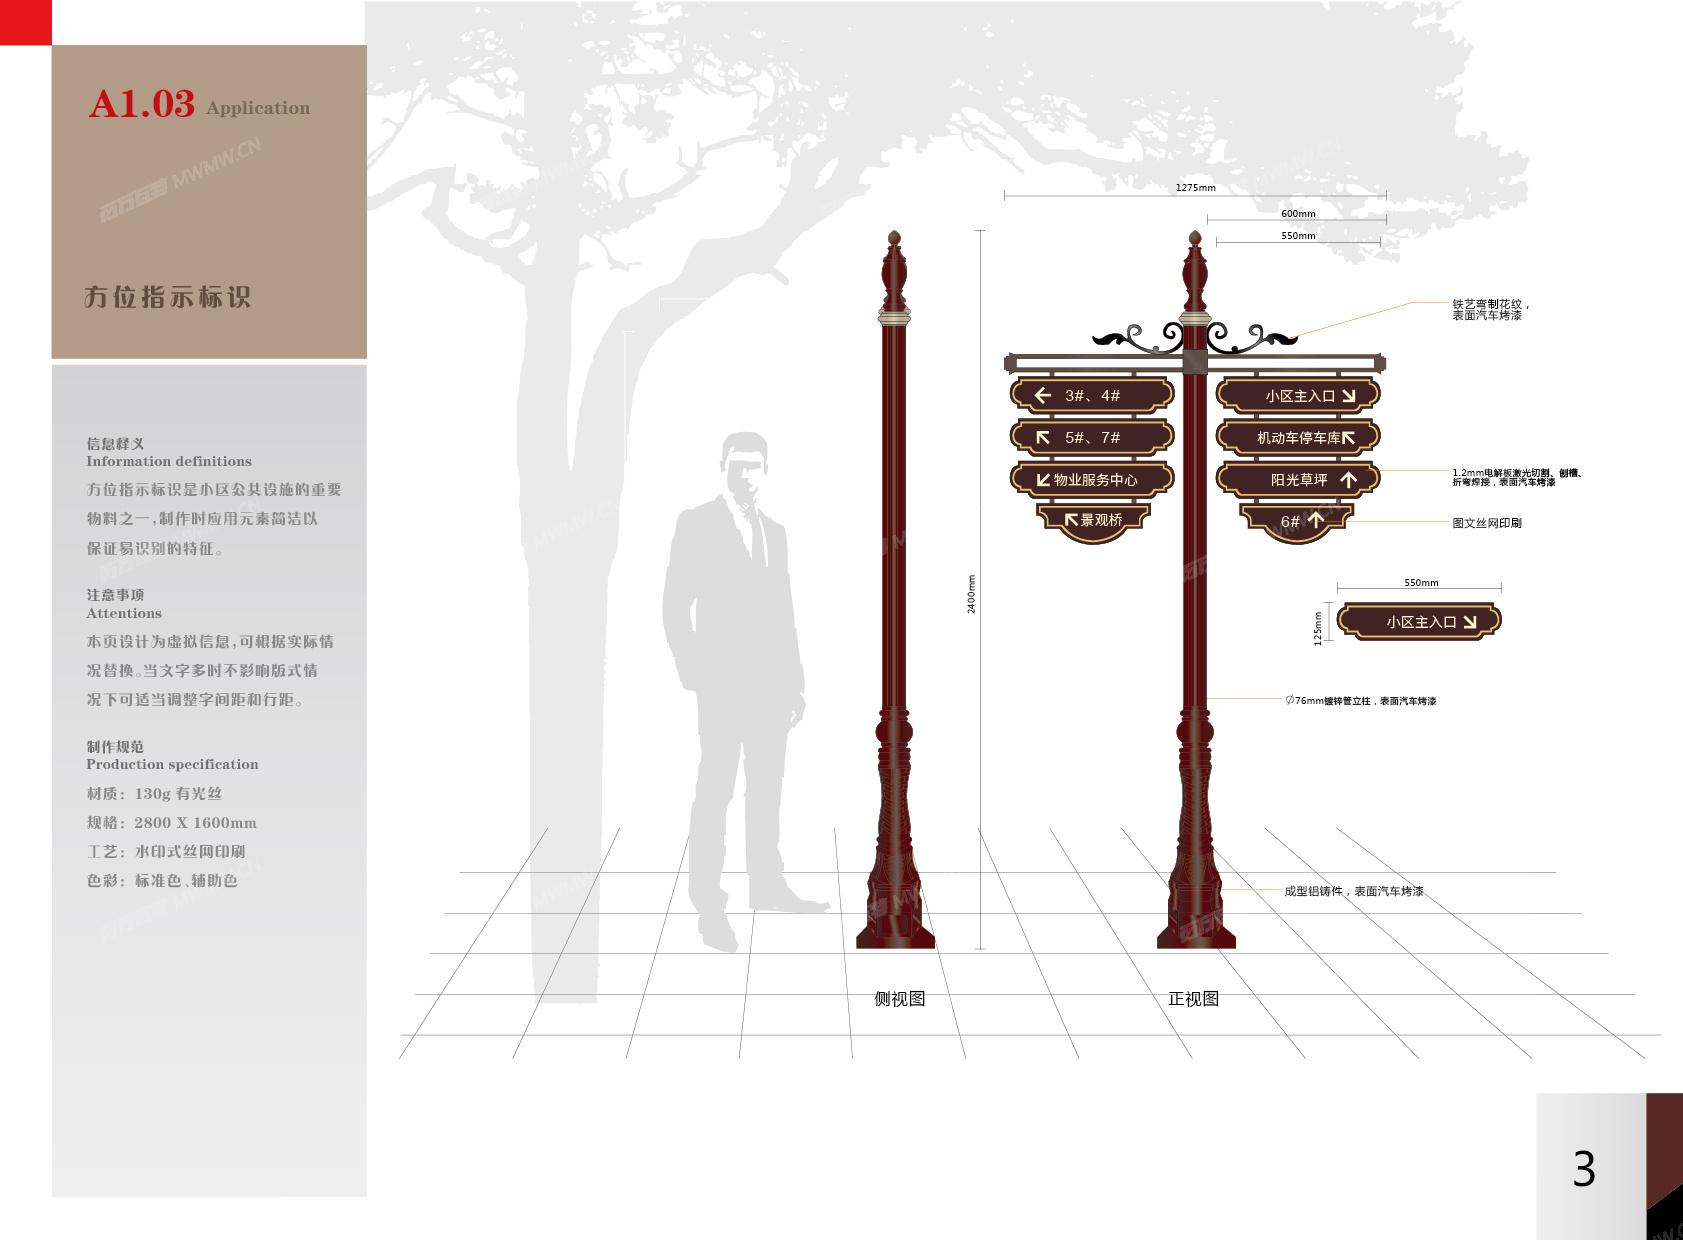 泷悦华府环境导视系统设计方案3.0cs520180112-09.jpg